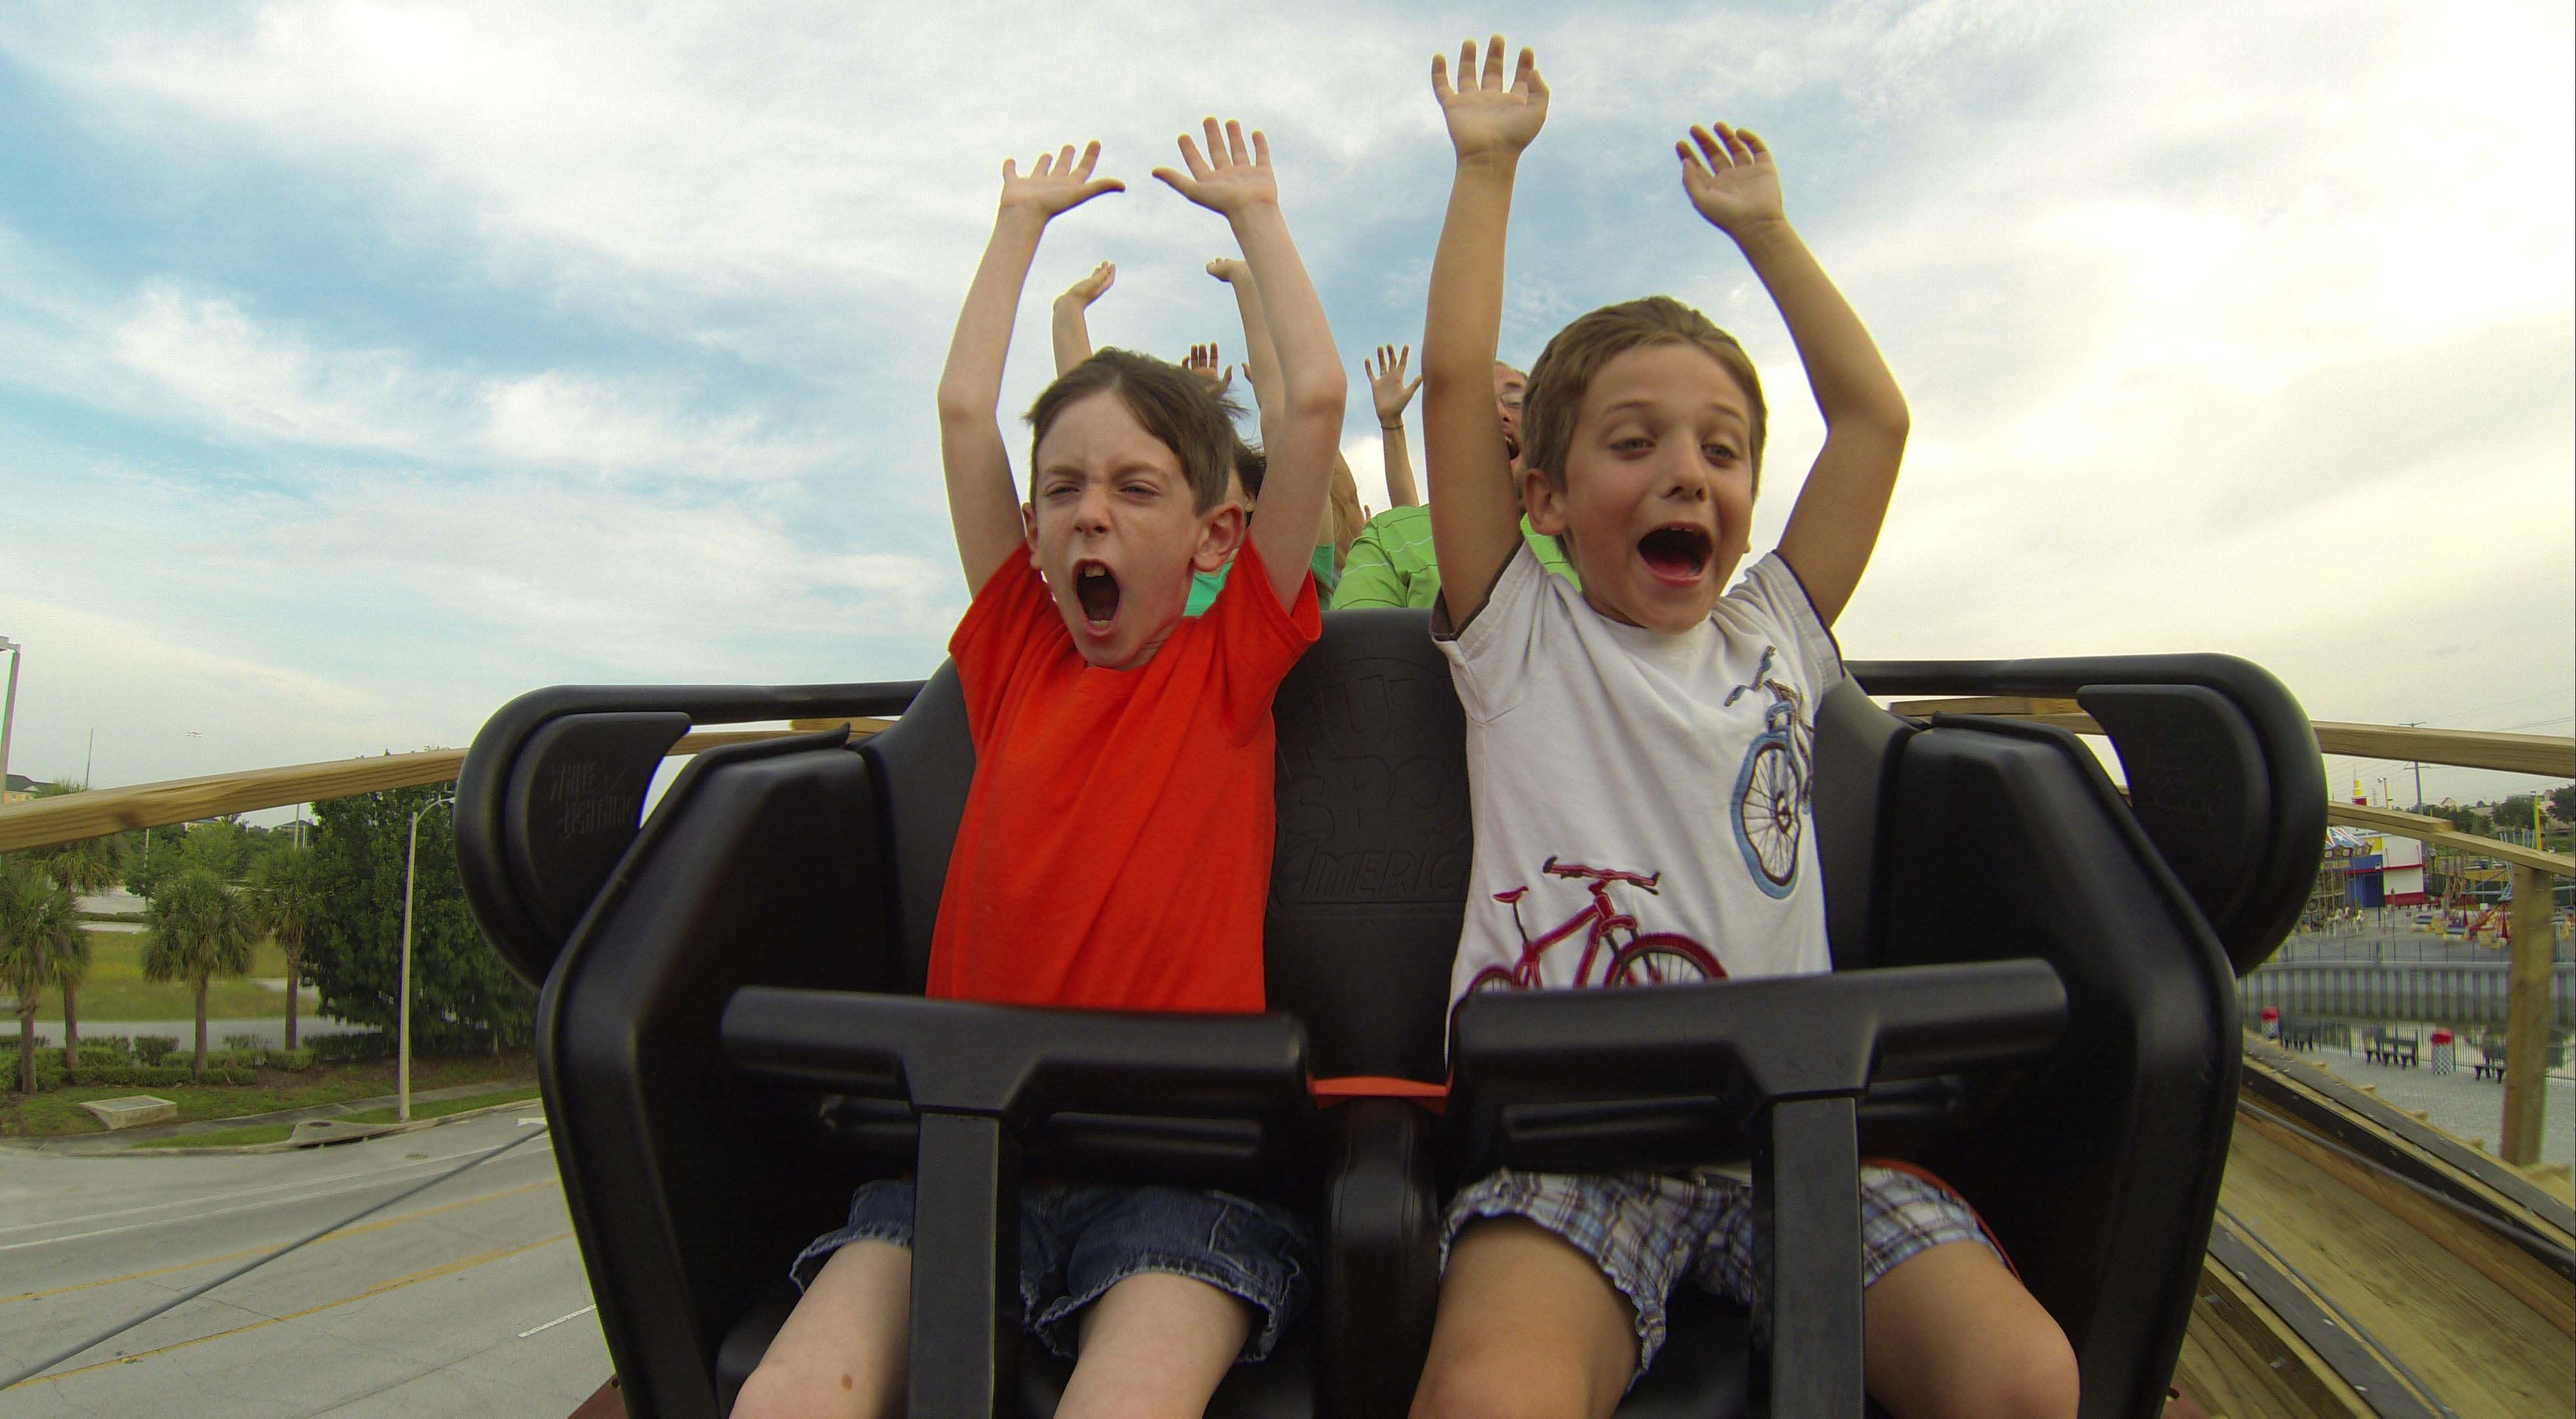 Rollercoasters Fun Spot America